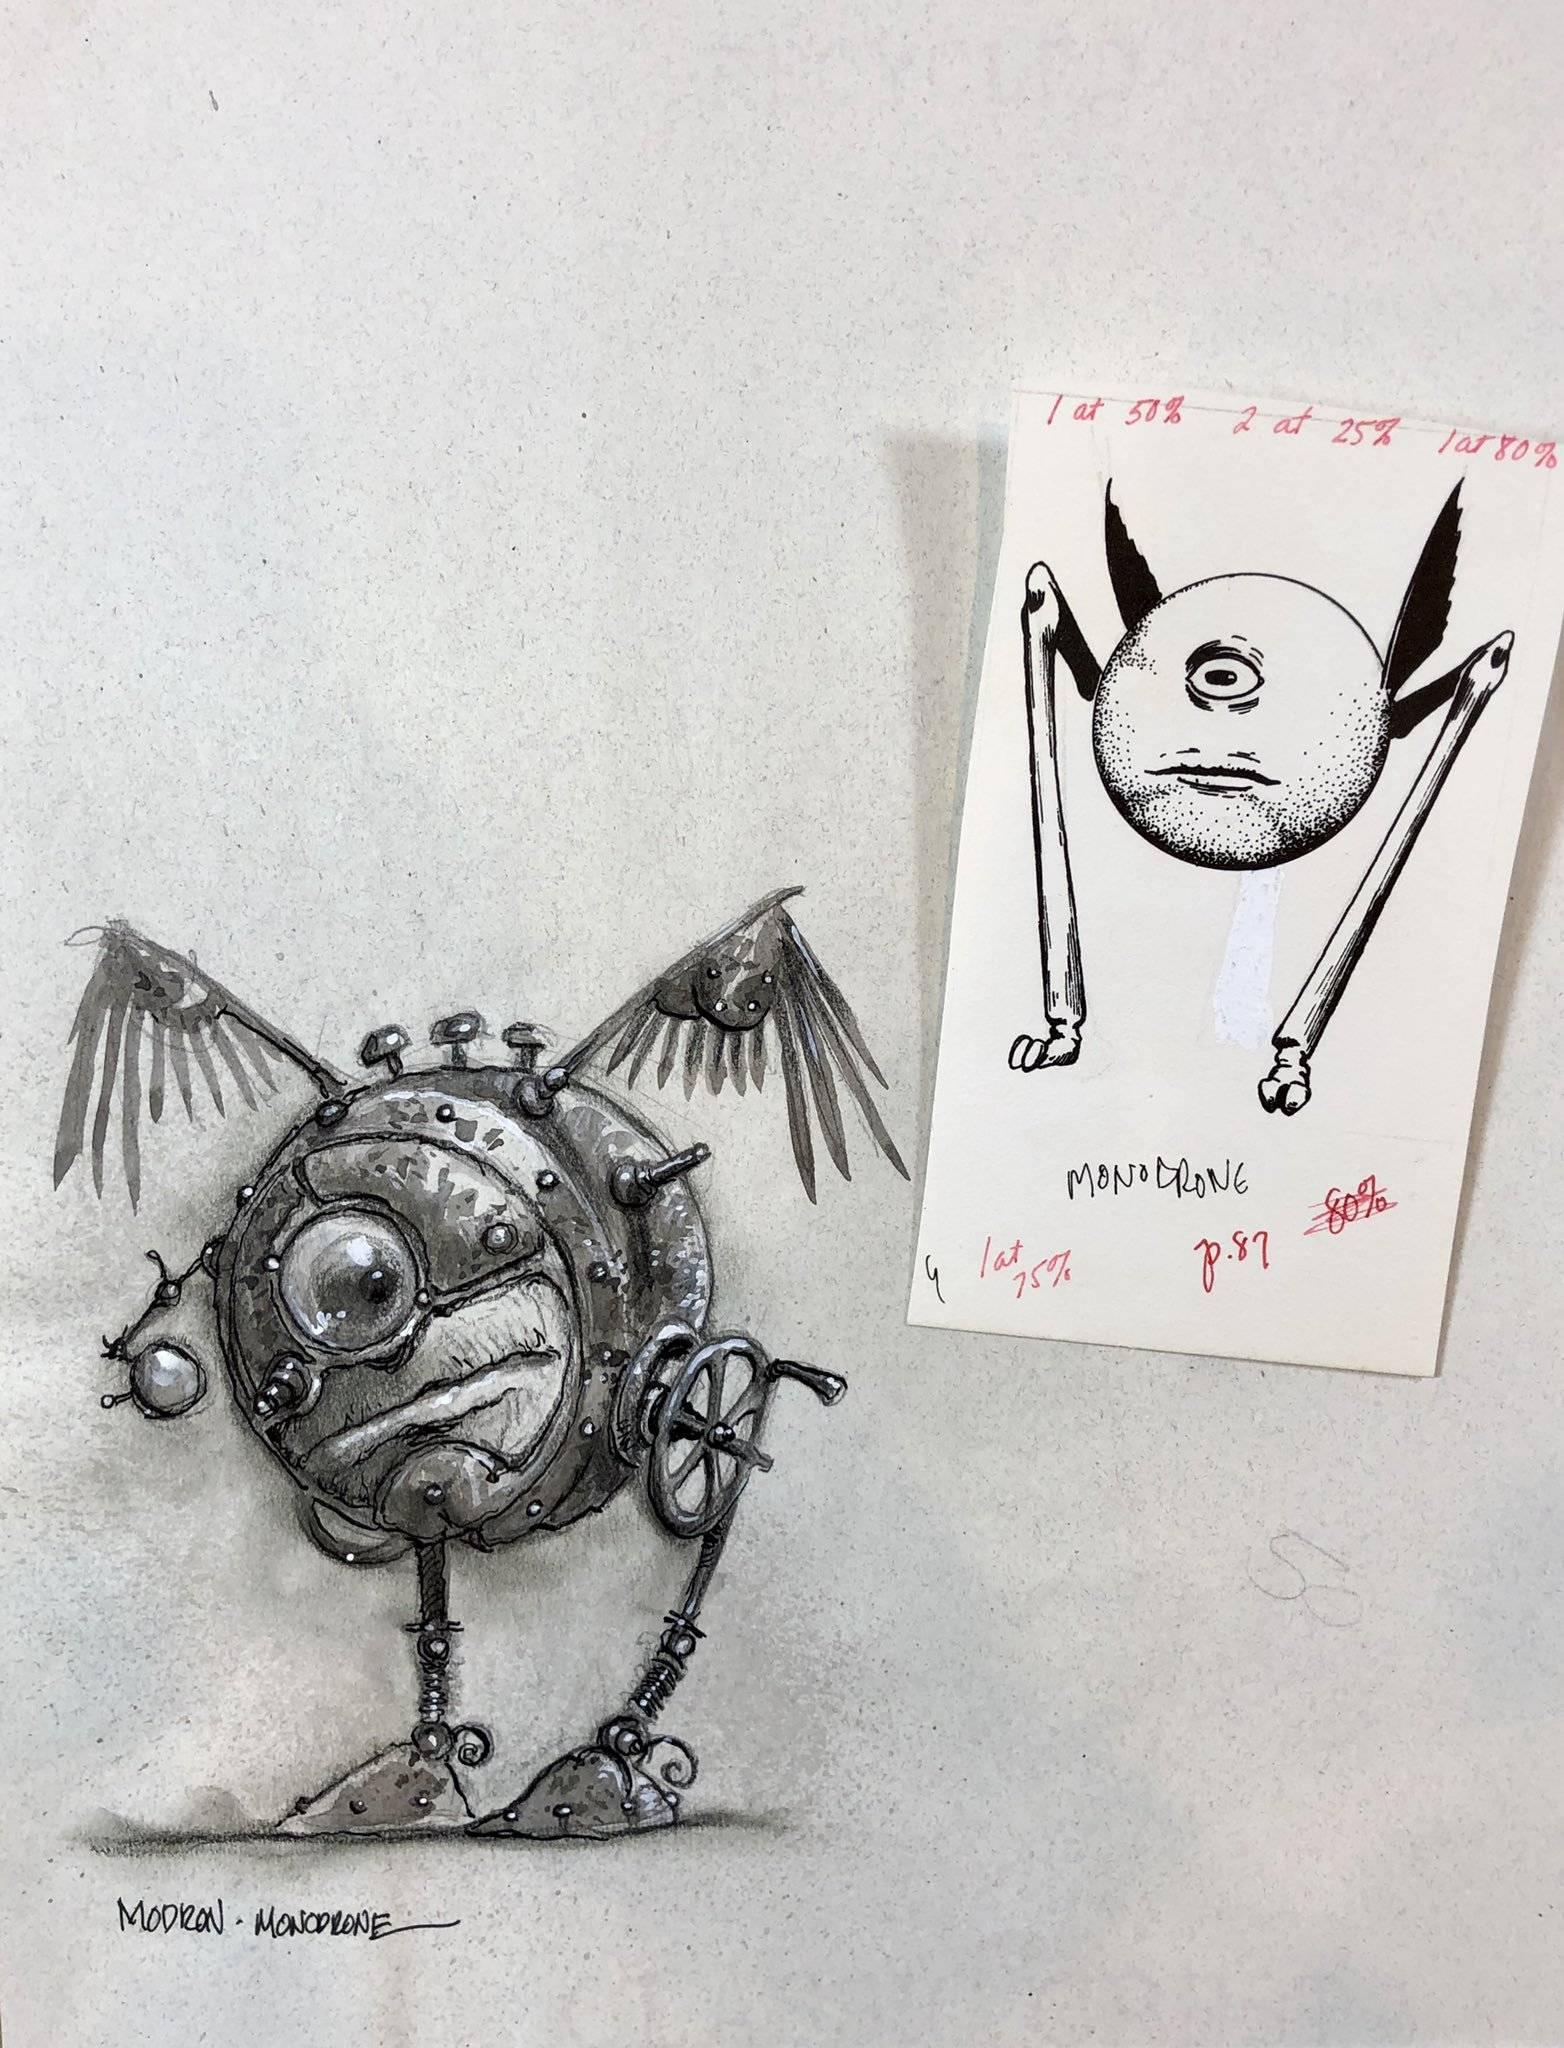 Арт: художник Planescape опубликовал ранние скетчи к 25-летию вселенной 18